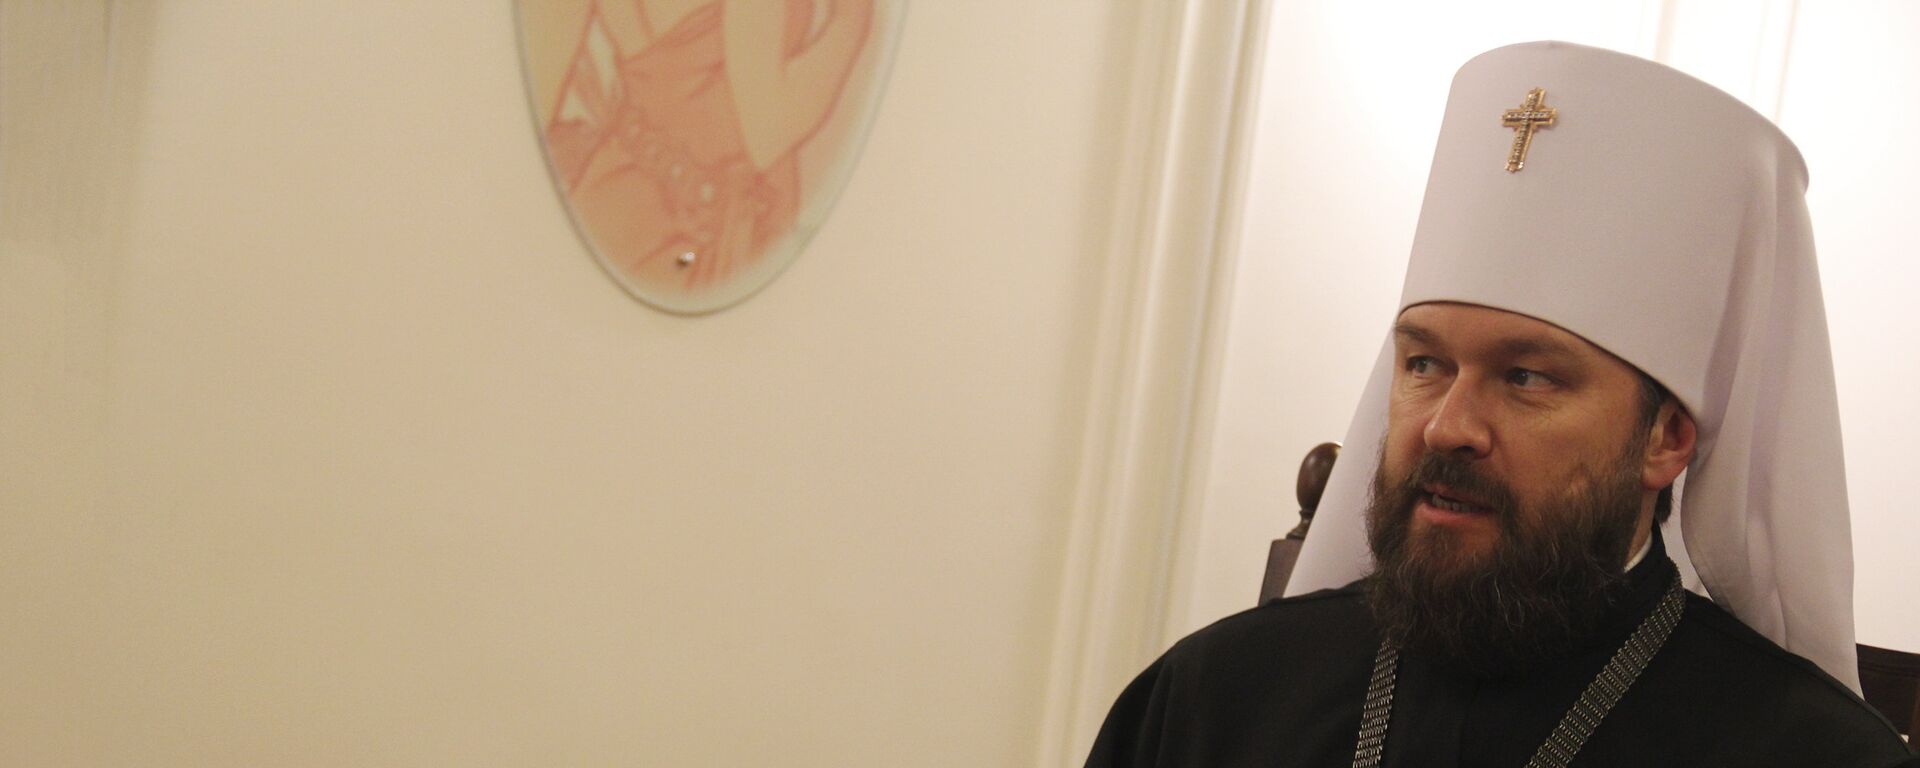 Mitropolit Ilarion: Naši narodi povezani su viševekovnim vezama koji sežu još iz vremena Svetog Save i iz vremena mnogih naših vladara koji su štitili srpski narod. Nije slučajno što u centru Beograda stoji spomenik poslednjem ruskom caru. Kod nas u Rusiji dosad nema spomenika.  - Sputnik Srbija, 1920, 05.07.2021